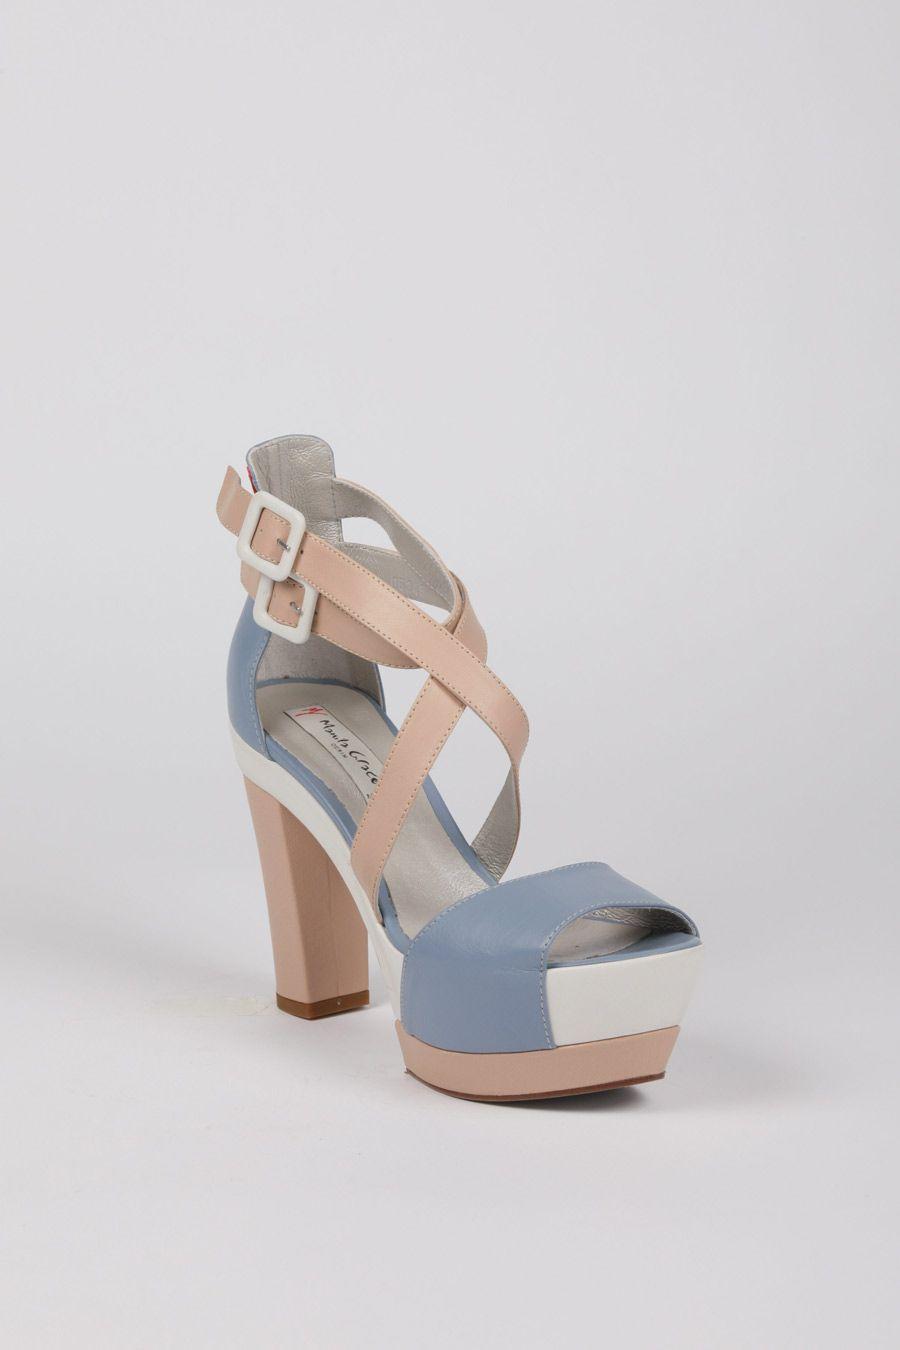 Najnowsza Kolekcja Manila Grace Galeriamokotow Galmok Inspiration Shoes Beauty Inspiracje Piekno Styl 2014 Mokotow